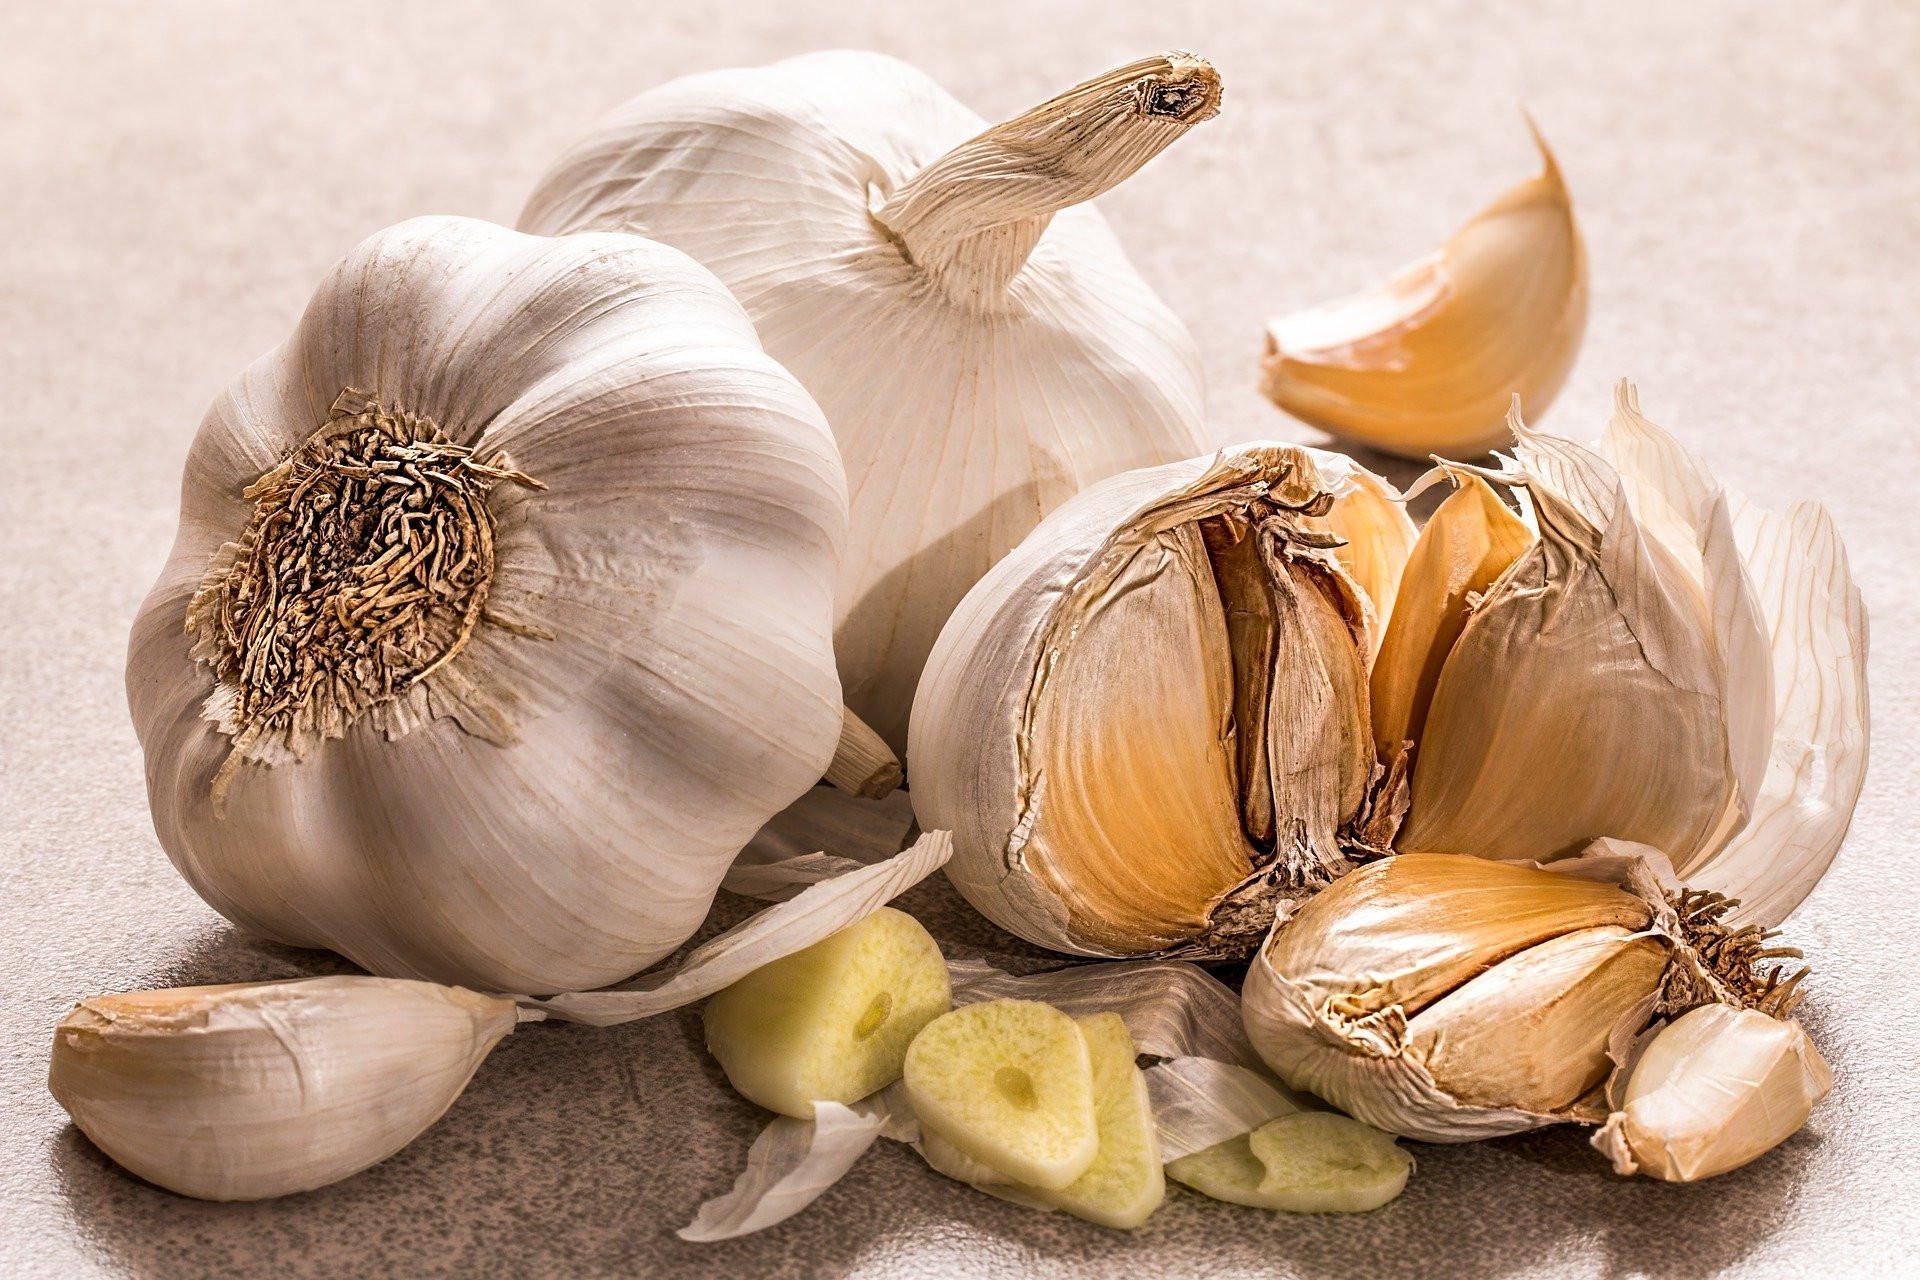 Bawang Putih, Bumbu Dapur yang Ampuh Turunkan Kadar Gula Darah dan Hipertensi - JPNN.com